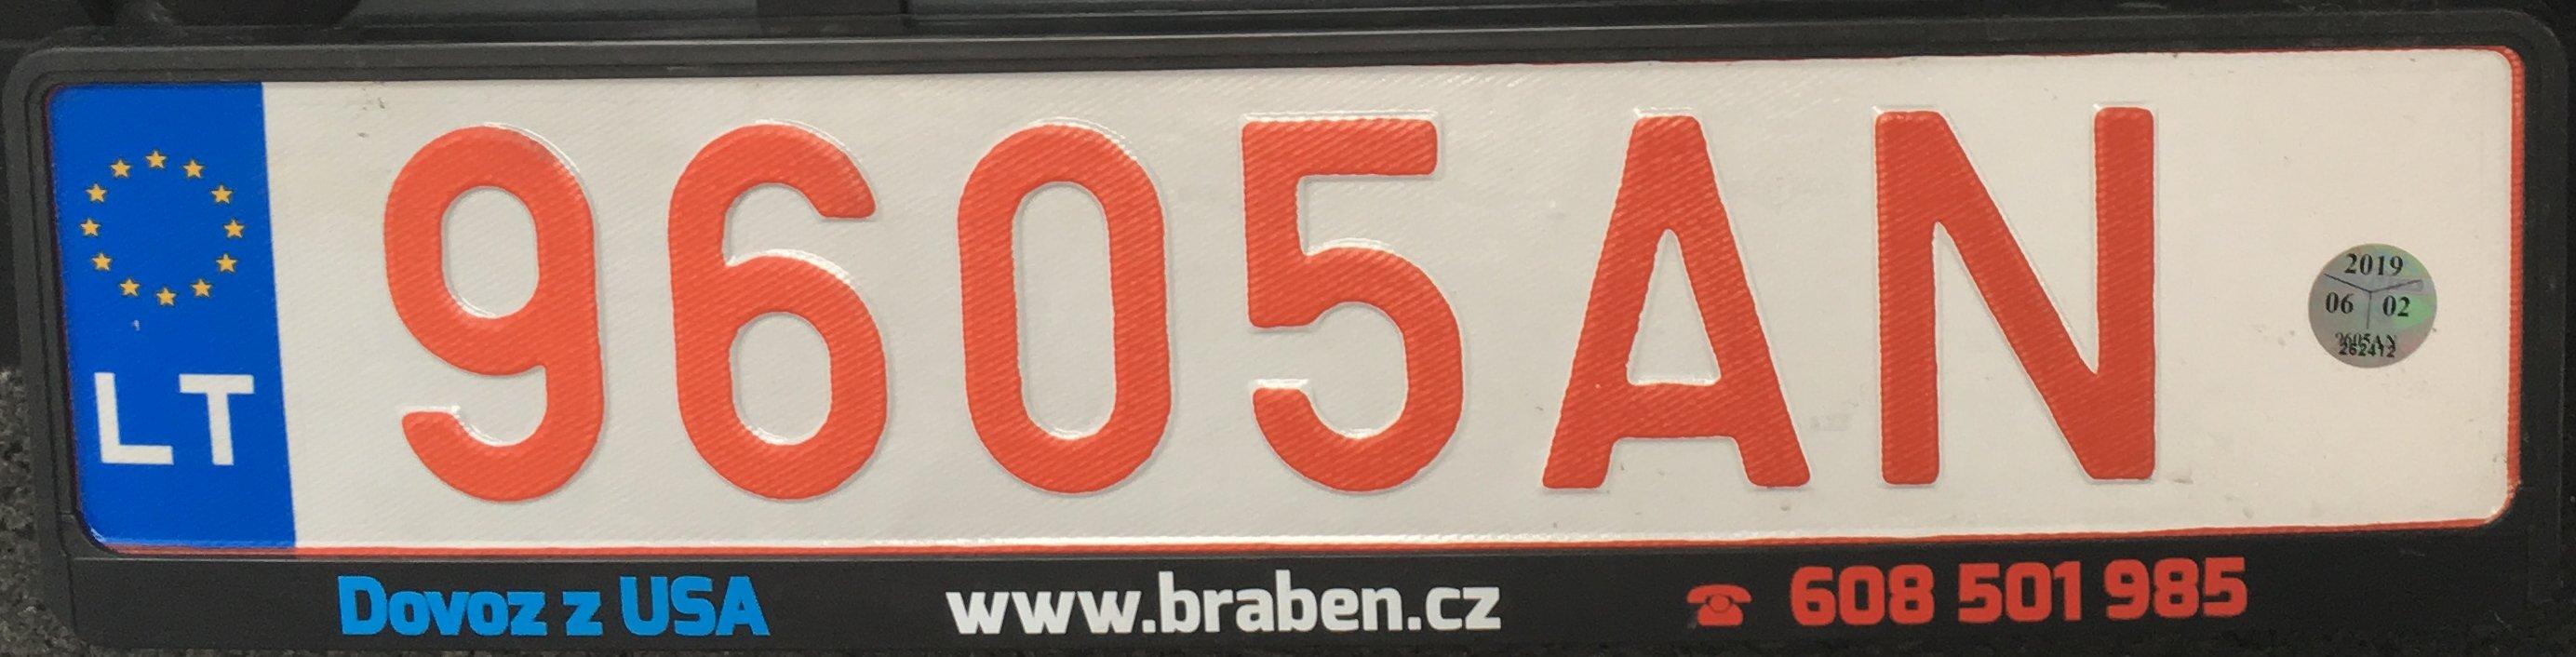 Registrační značka Litva - exportní, foto: www.podalnici.cz